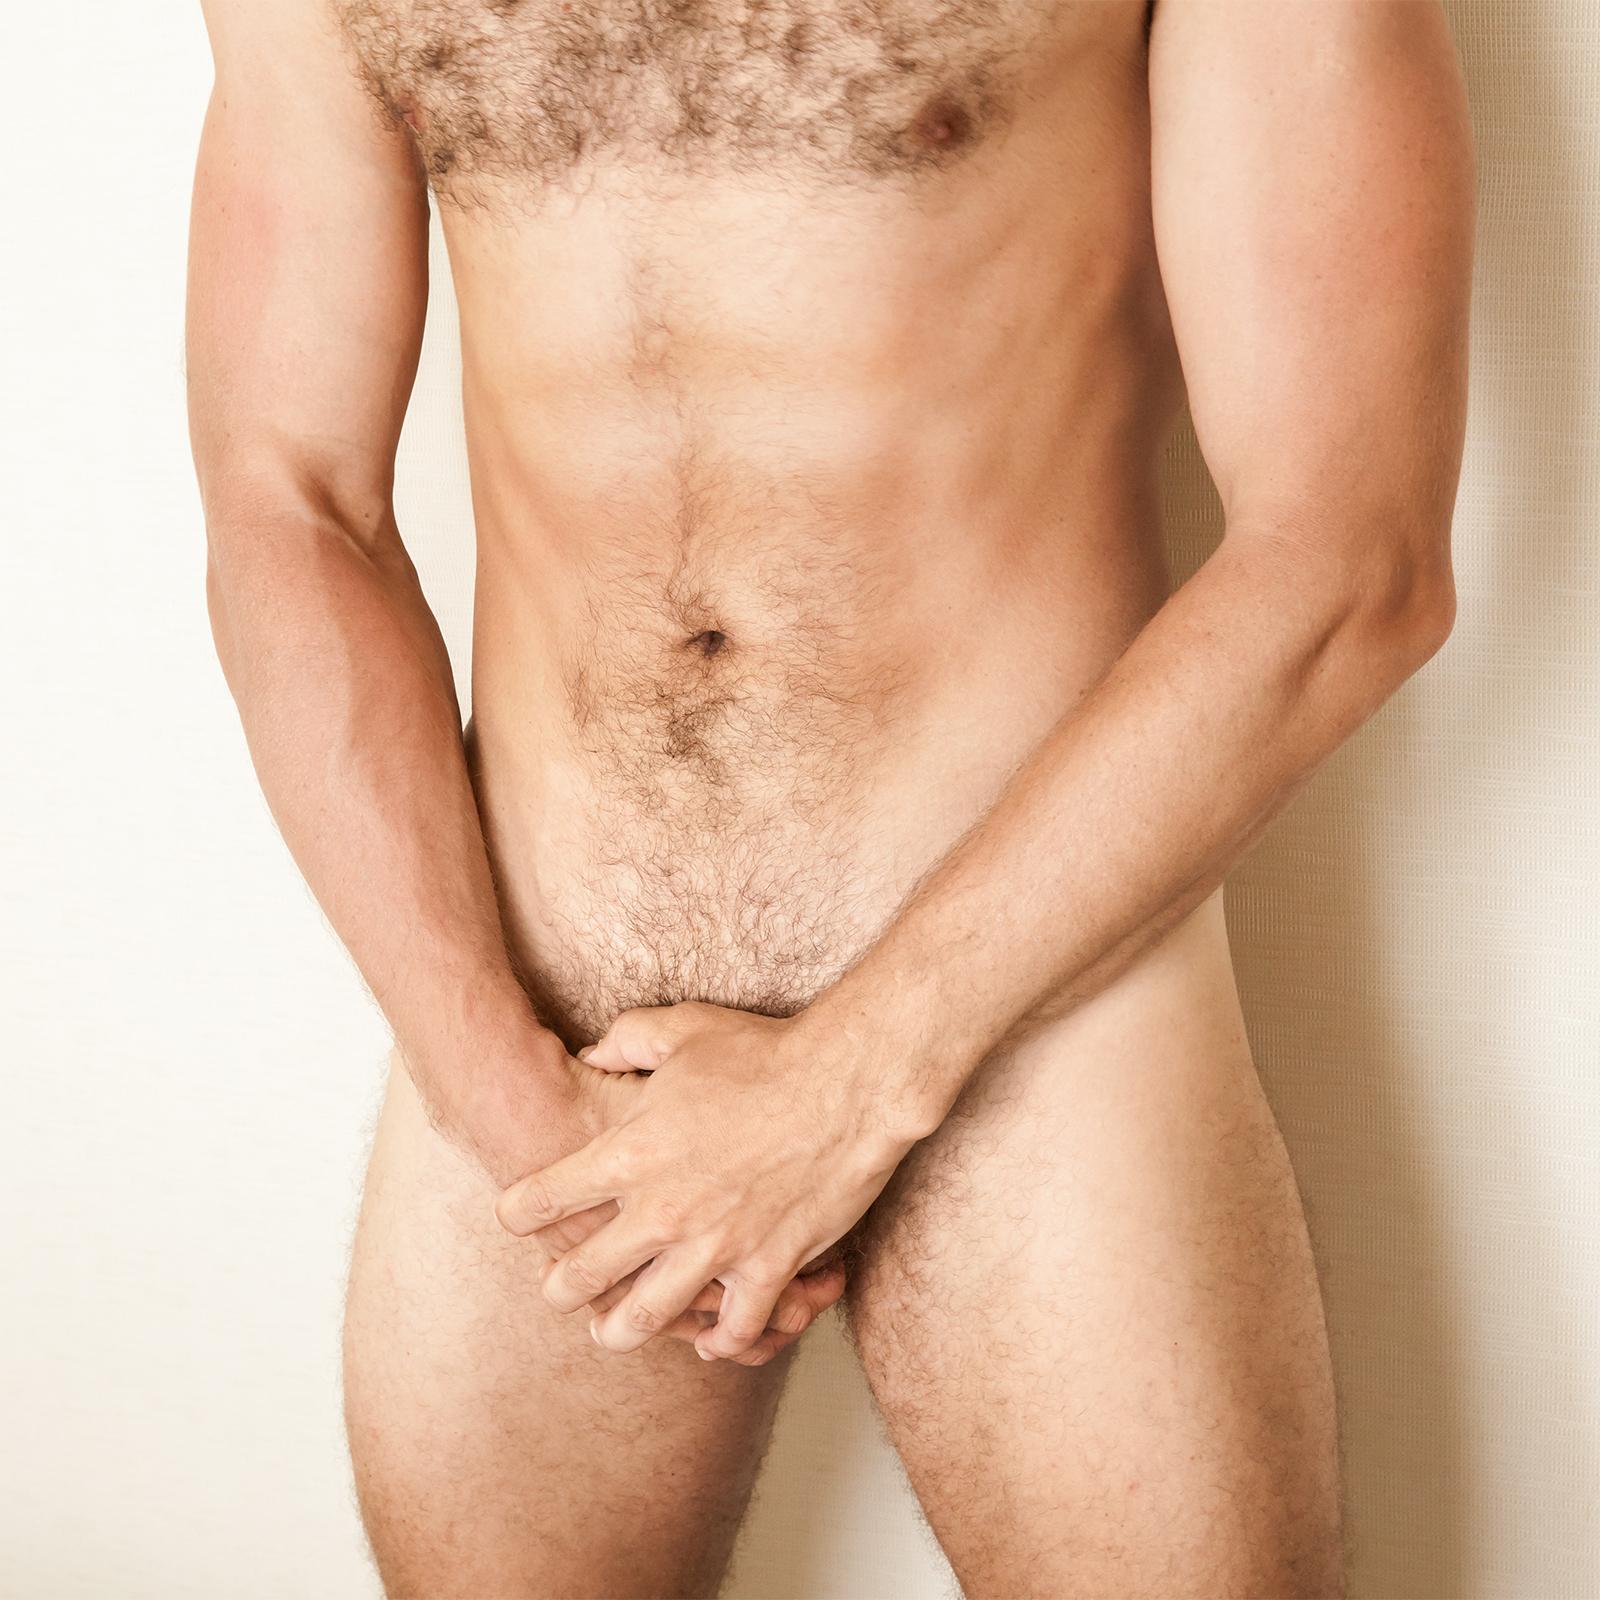 intim masszázs a péniszen egy férfinak sokáig nincs merevedése